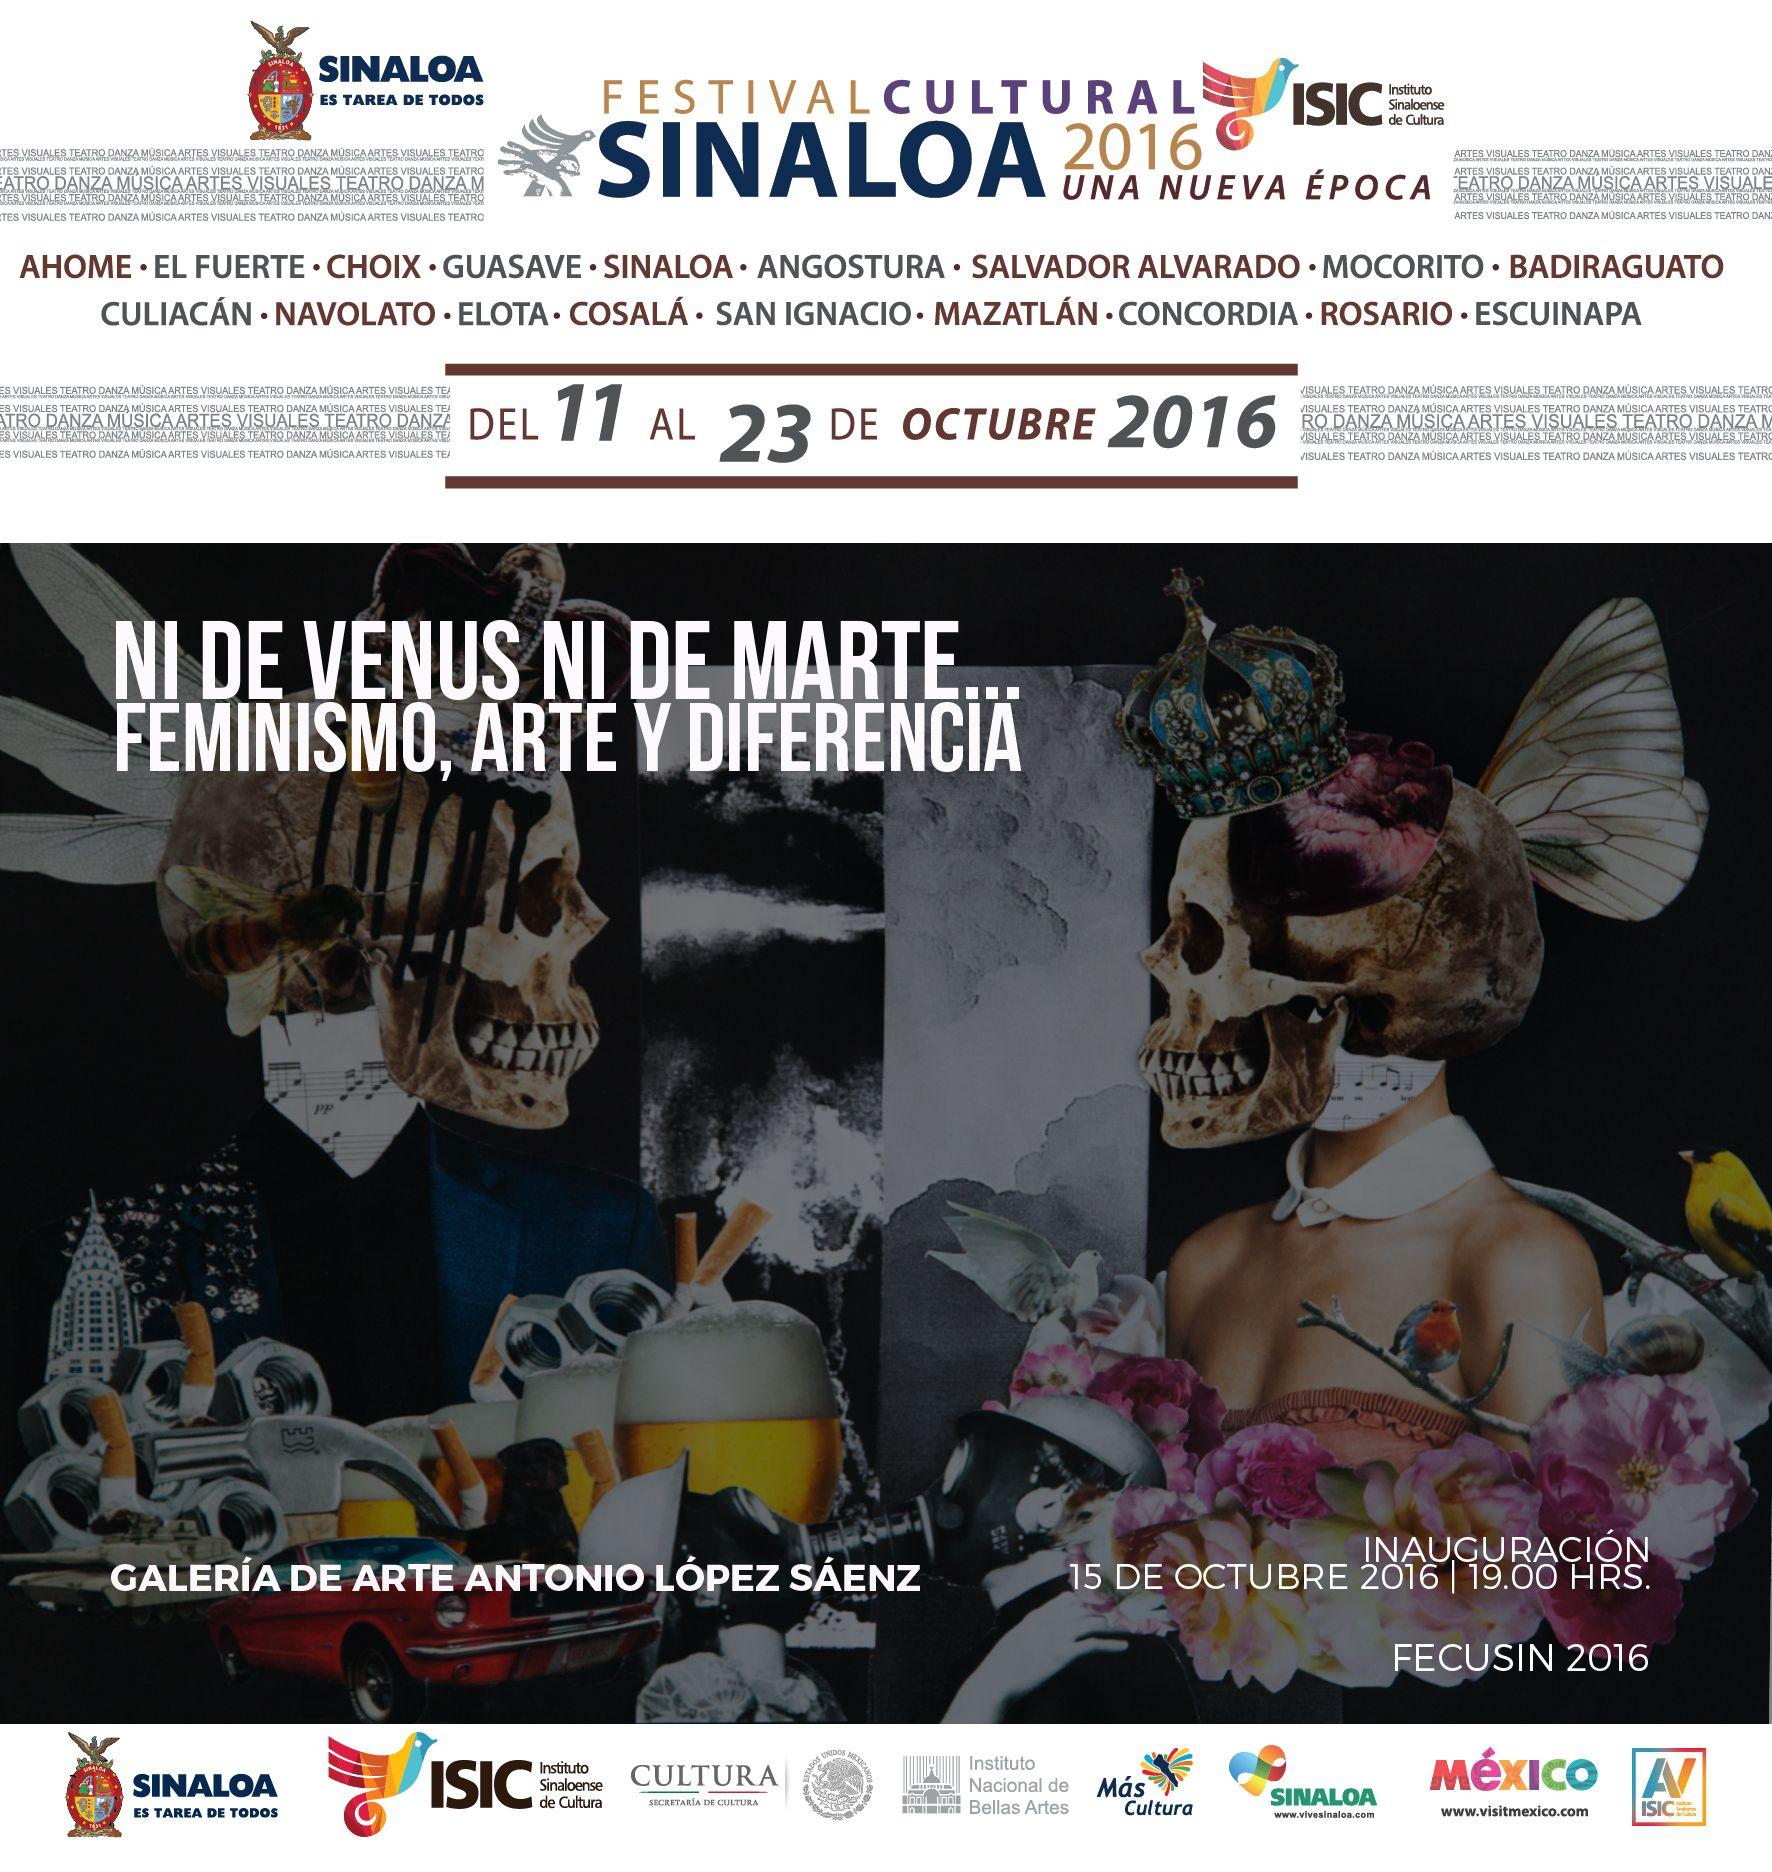 Inauguración de la exposición Ni de venus ni de marte... Feminismo, Arte y diferencia. Galería Antonio López Saenz #GAALS. 15 de octubre de 2016, 19:00 hrs. Entrada libre.